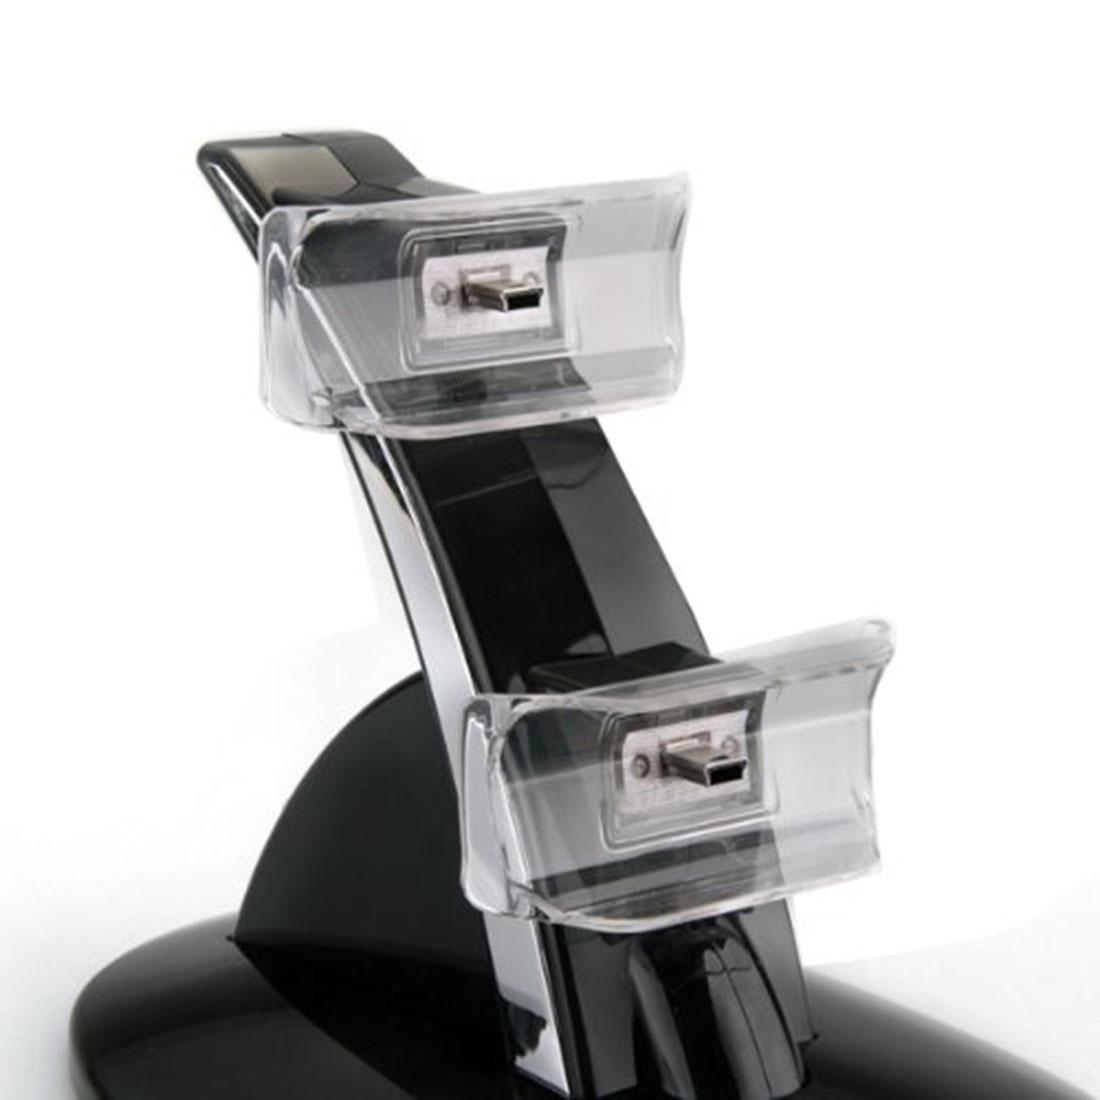 Putih 80 watt Samsung H4 hai Lo memimpin bola lampu kabut untuk cahaya lampu mobil mengemudi